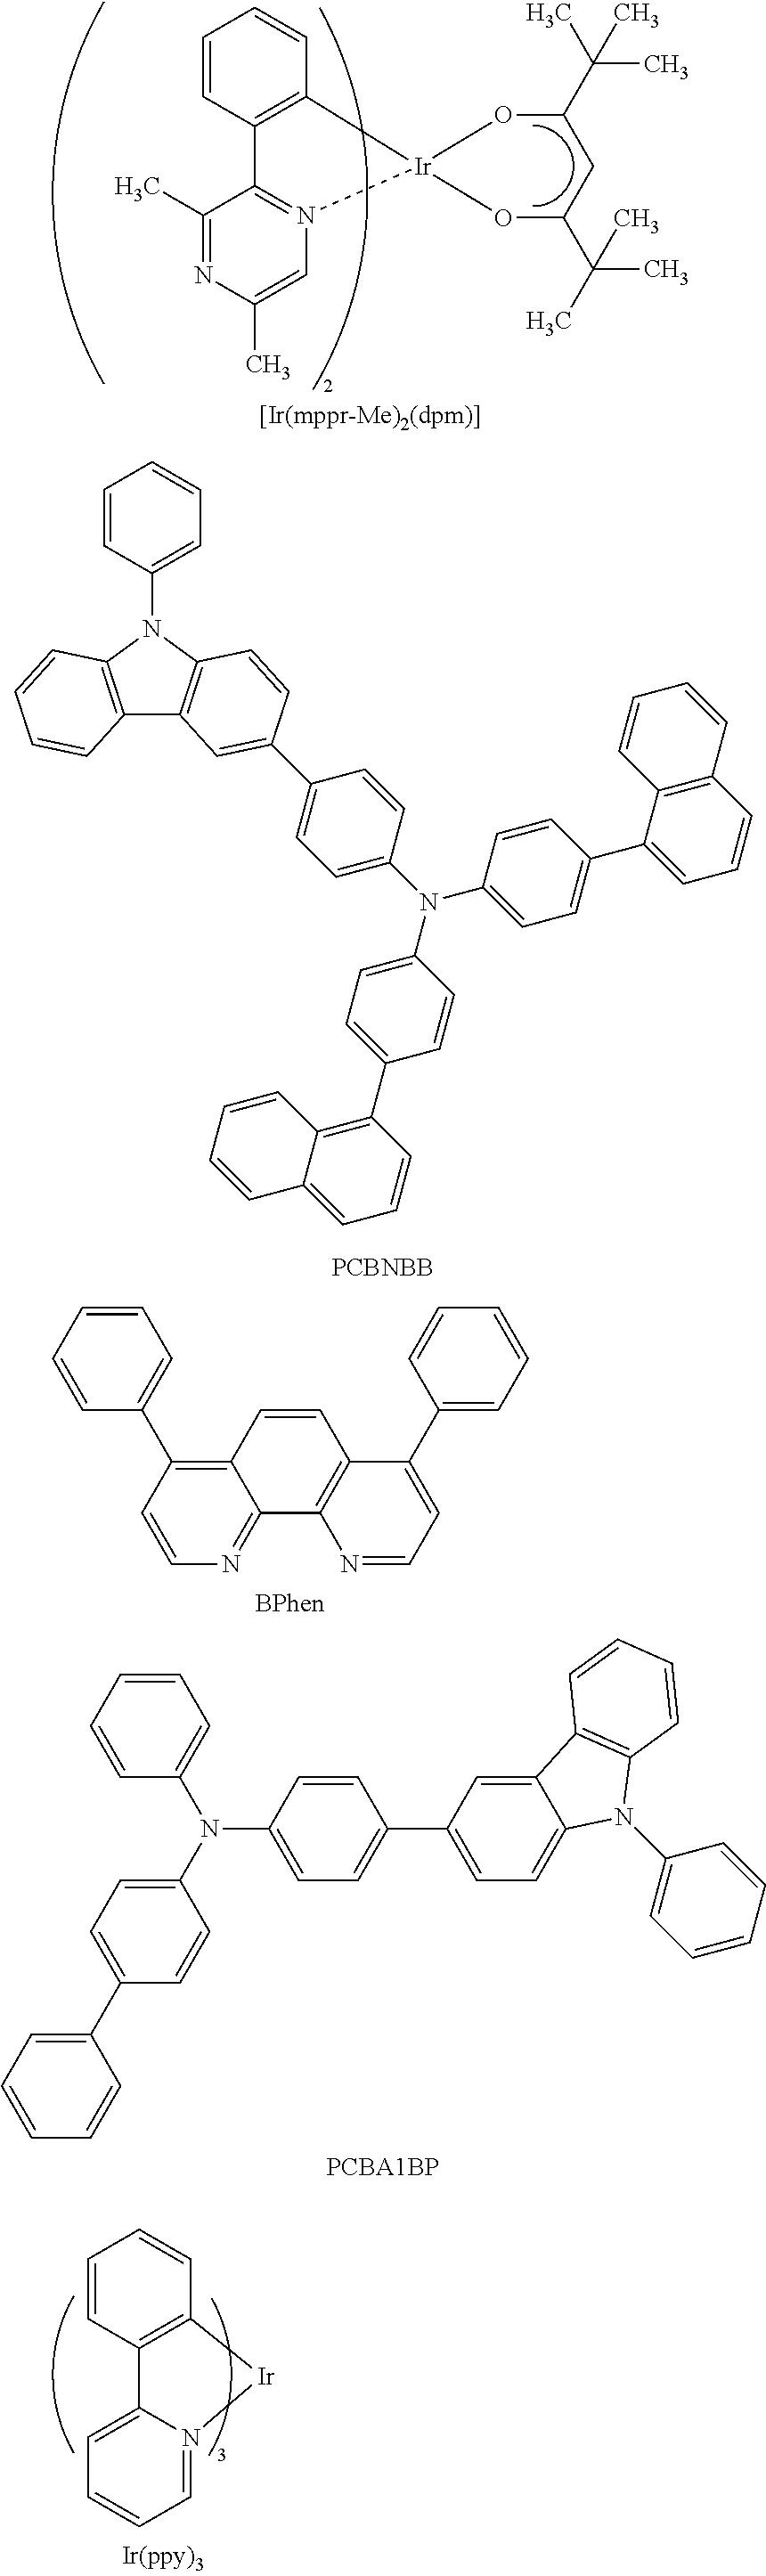 Figure US09843000-20171212-C00073